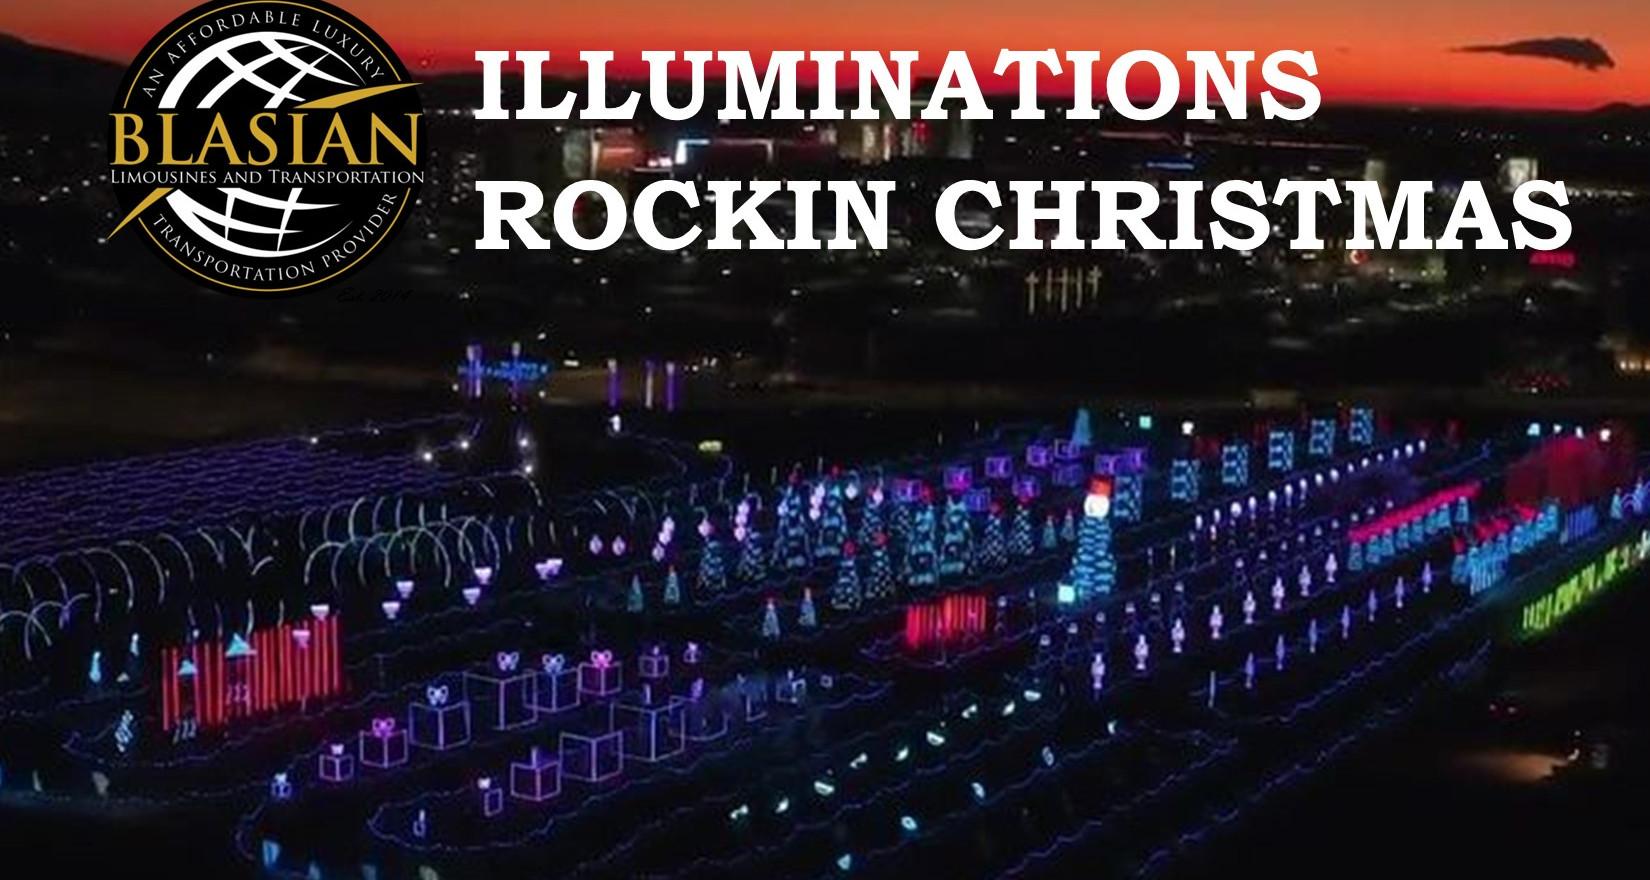 Illuminations Artic Adventure Tempe Blas